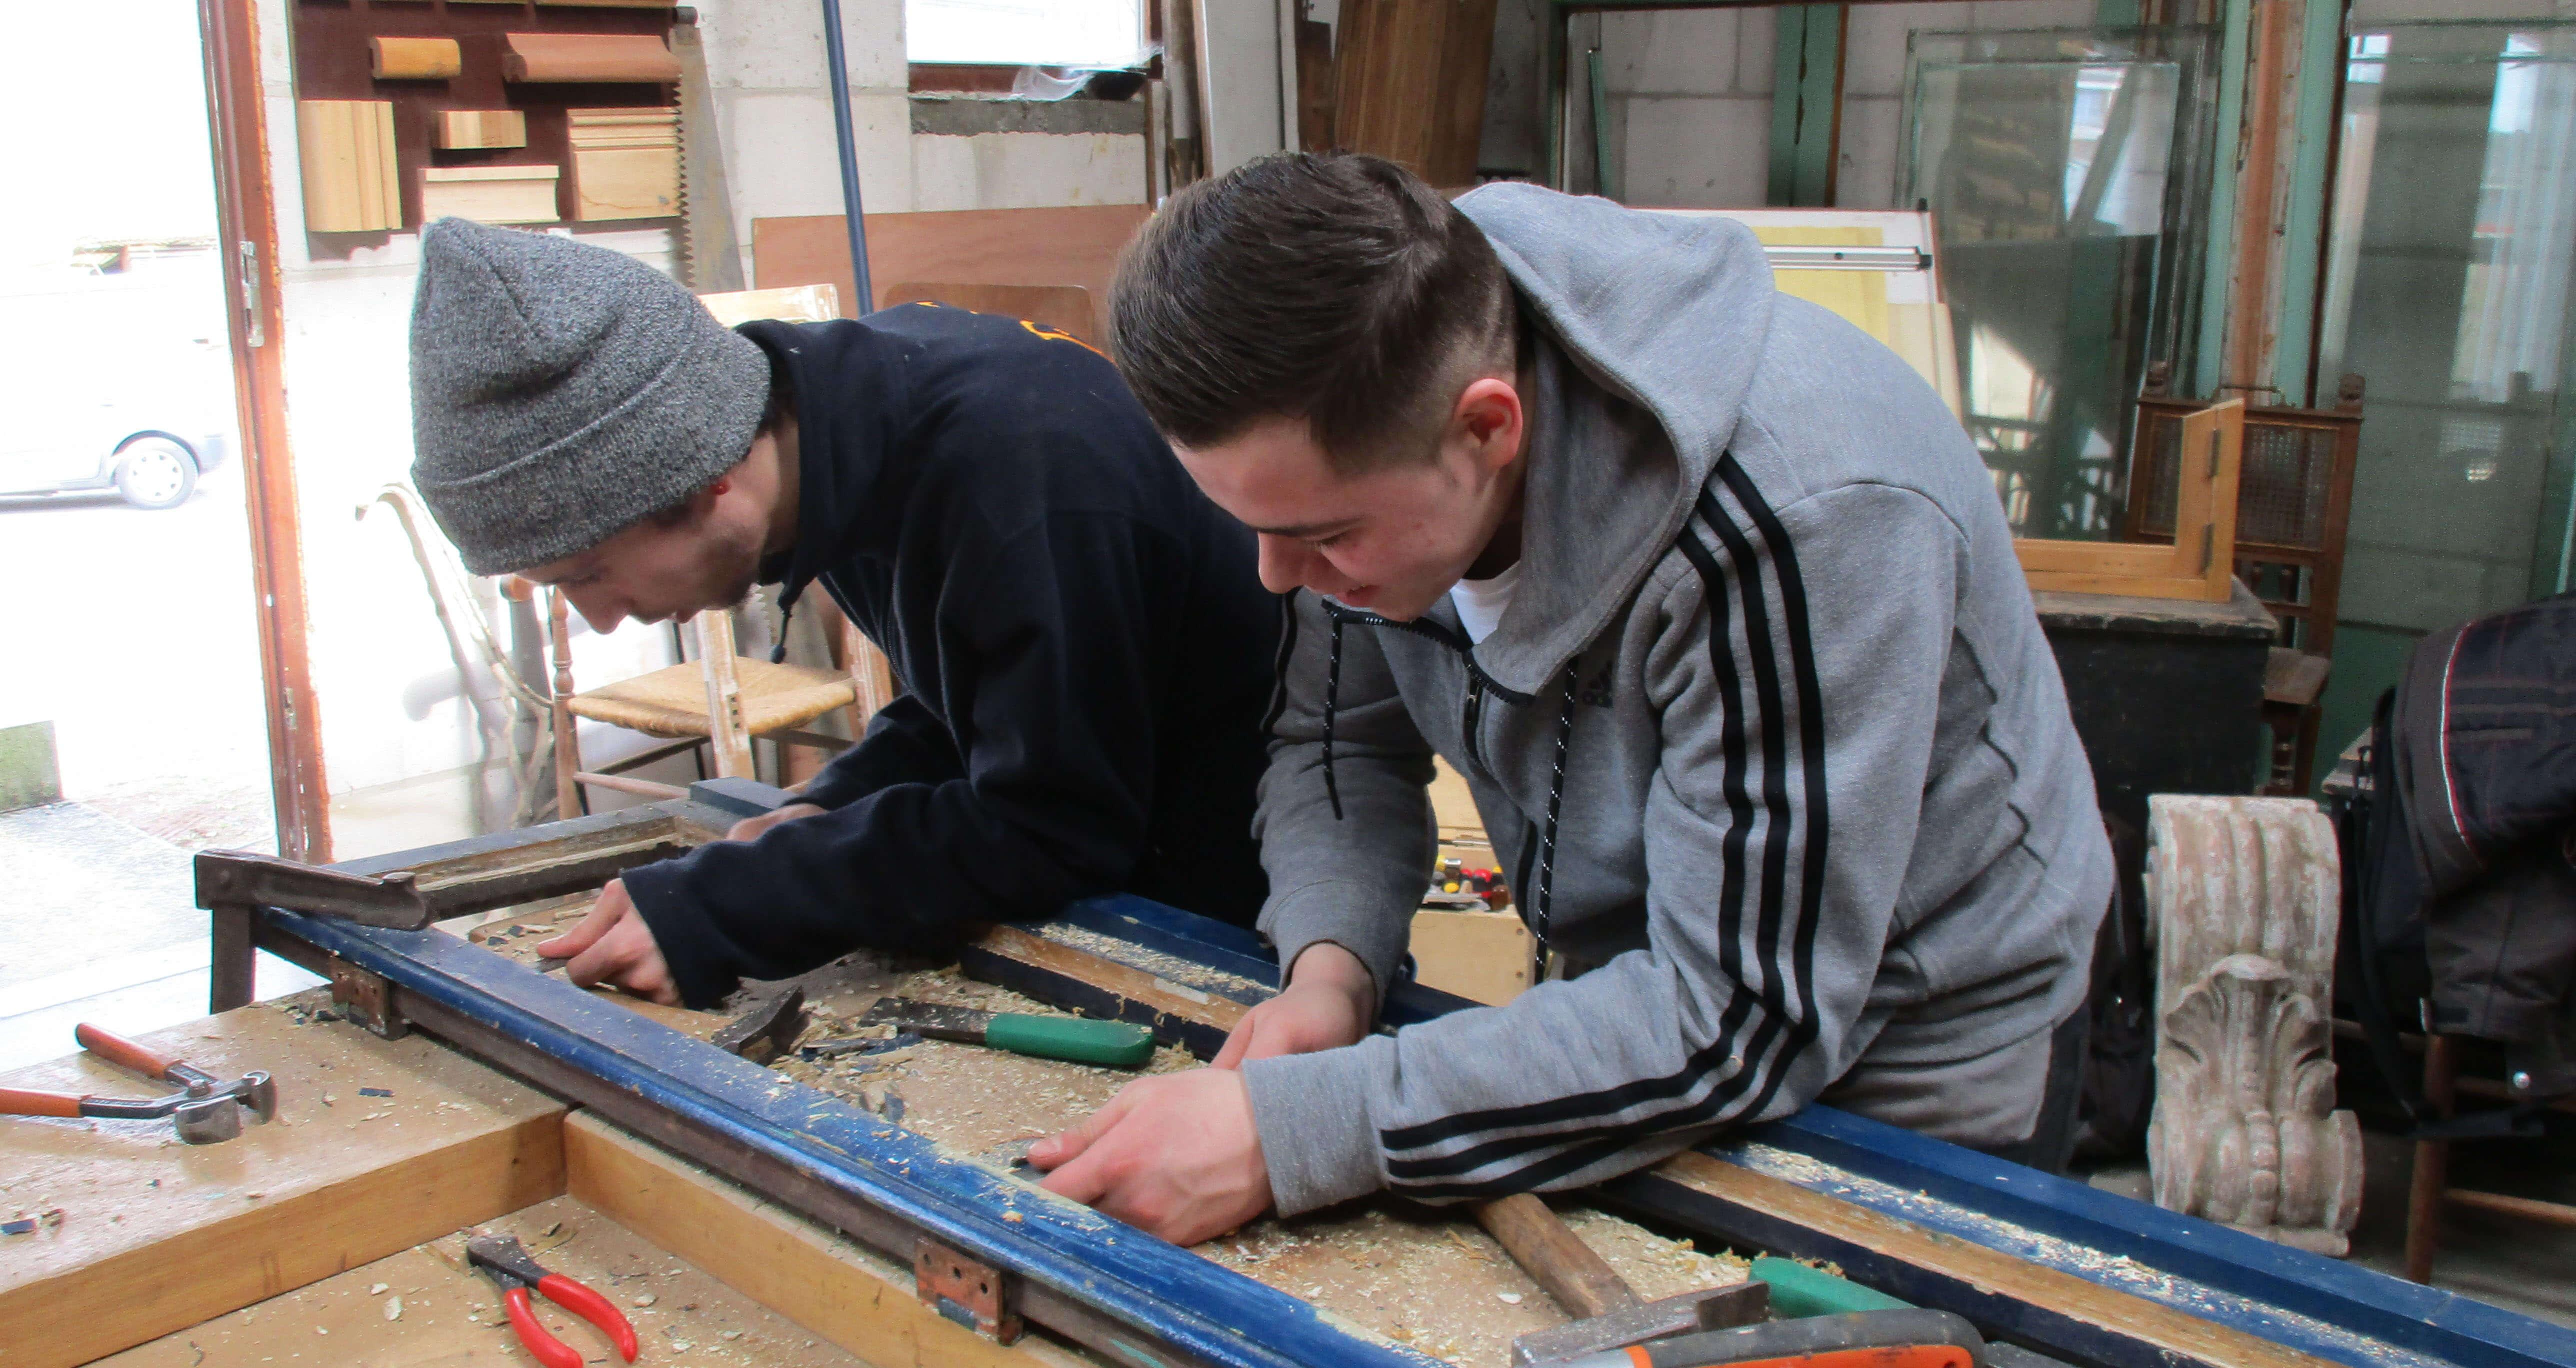 leerlingen doen aan houtbewerking